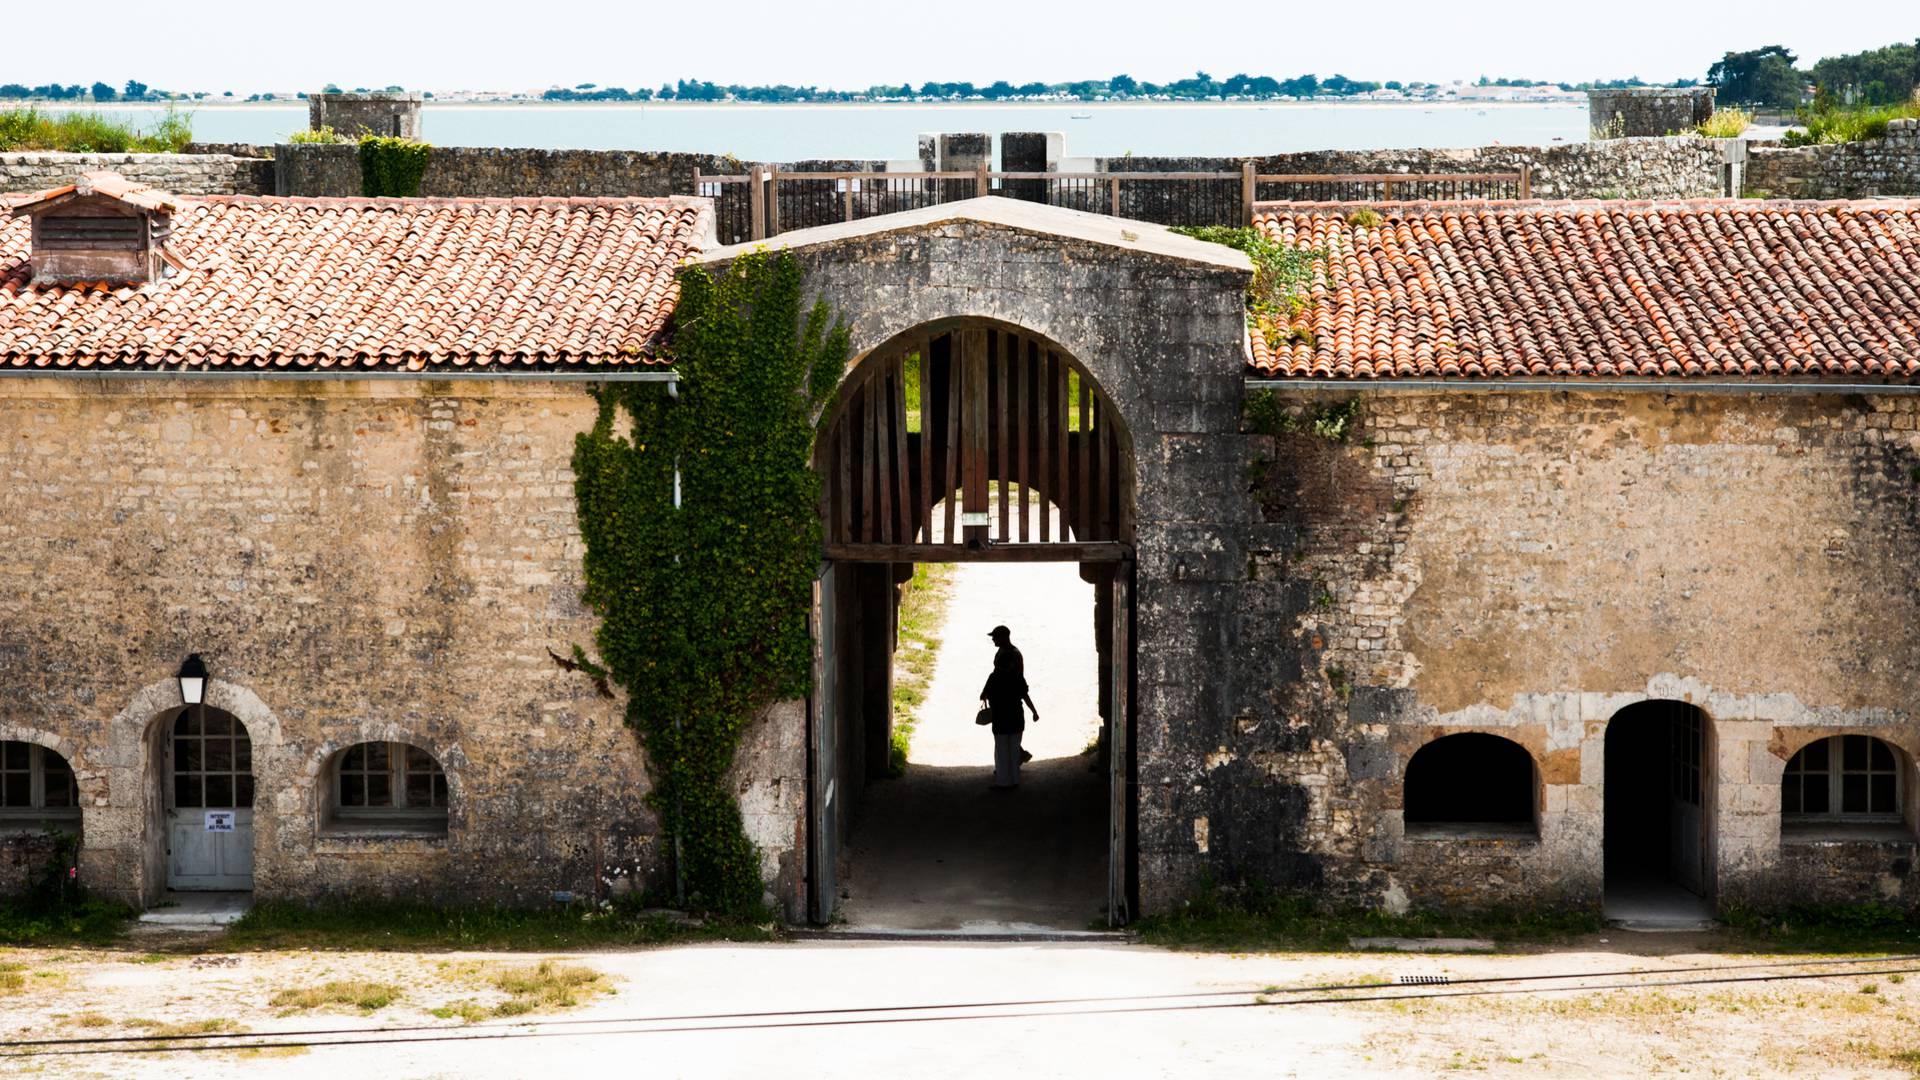 Fort La prée by Elsa Gireaud